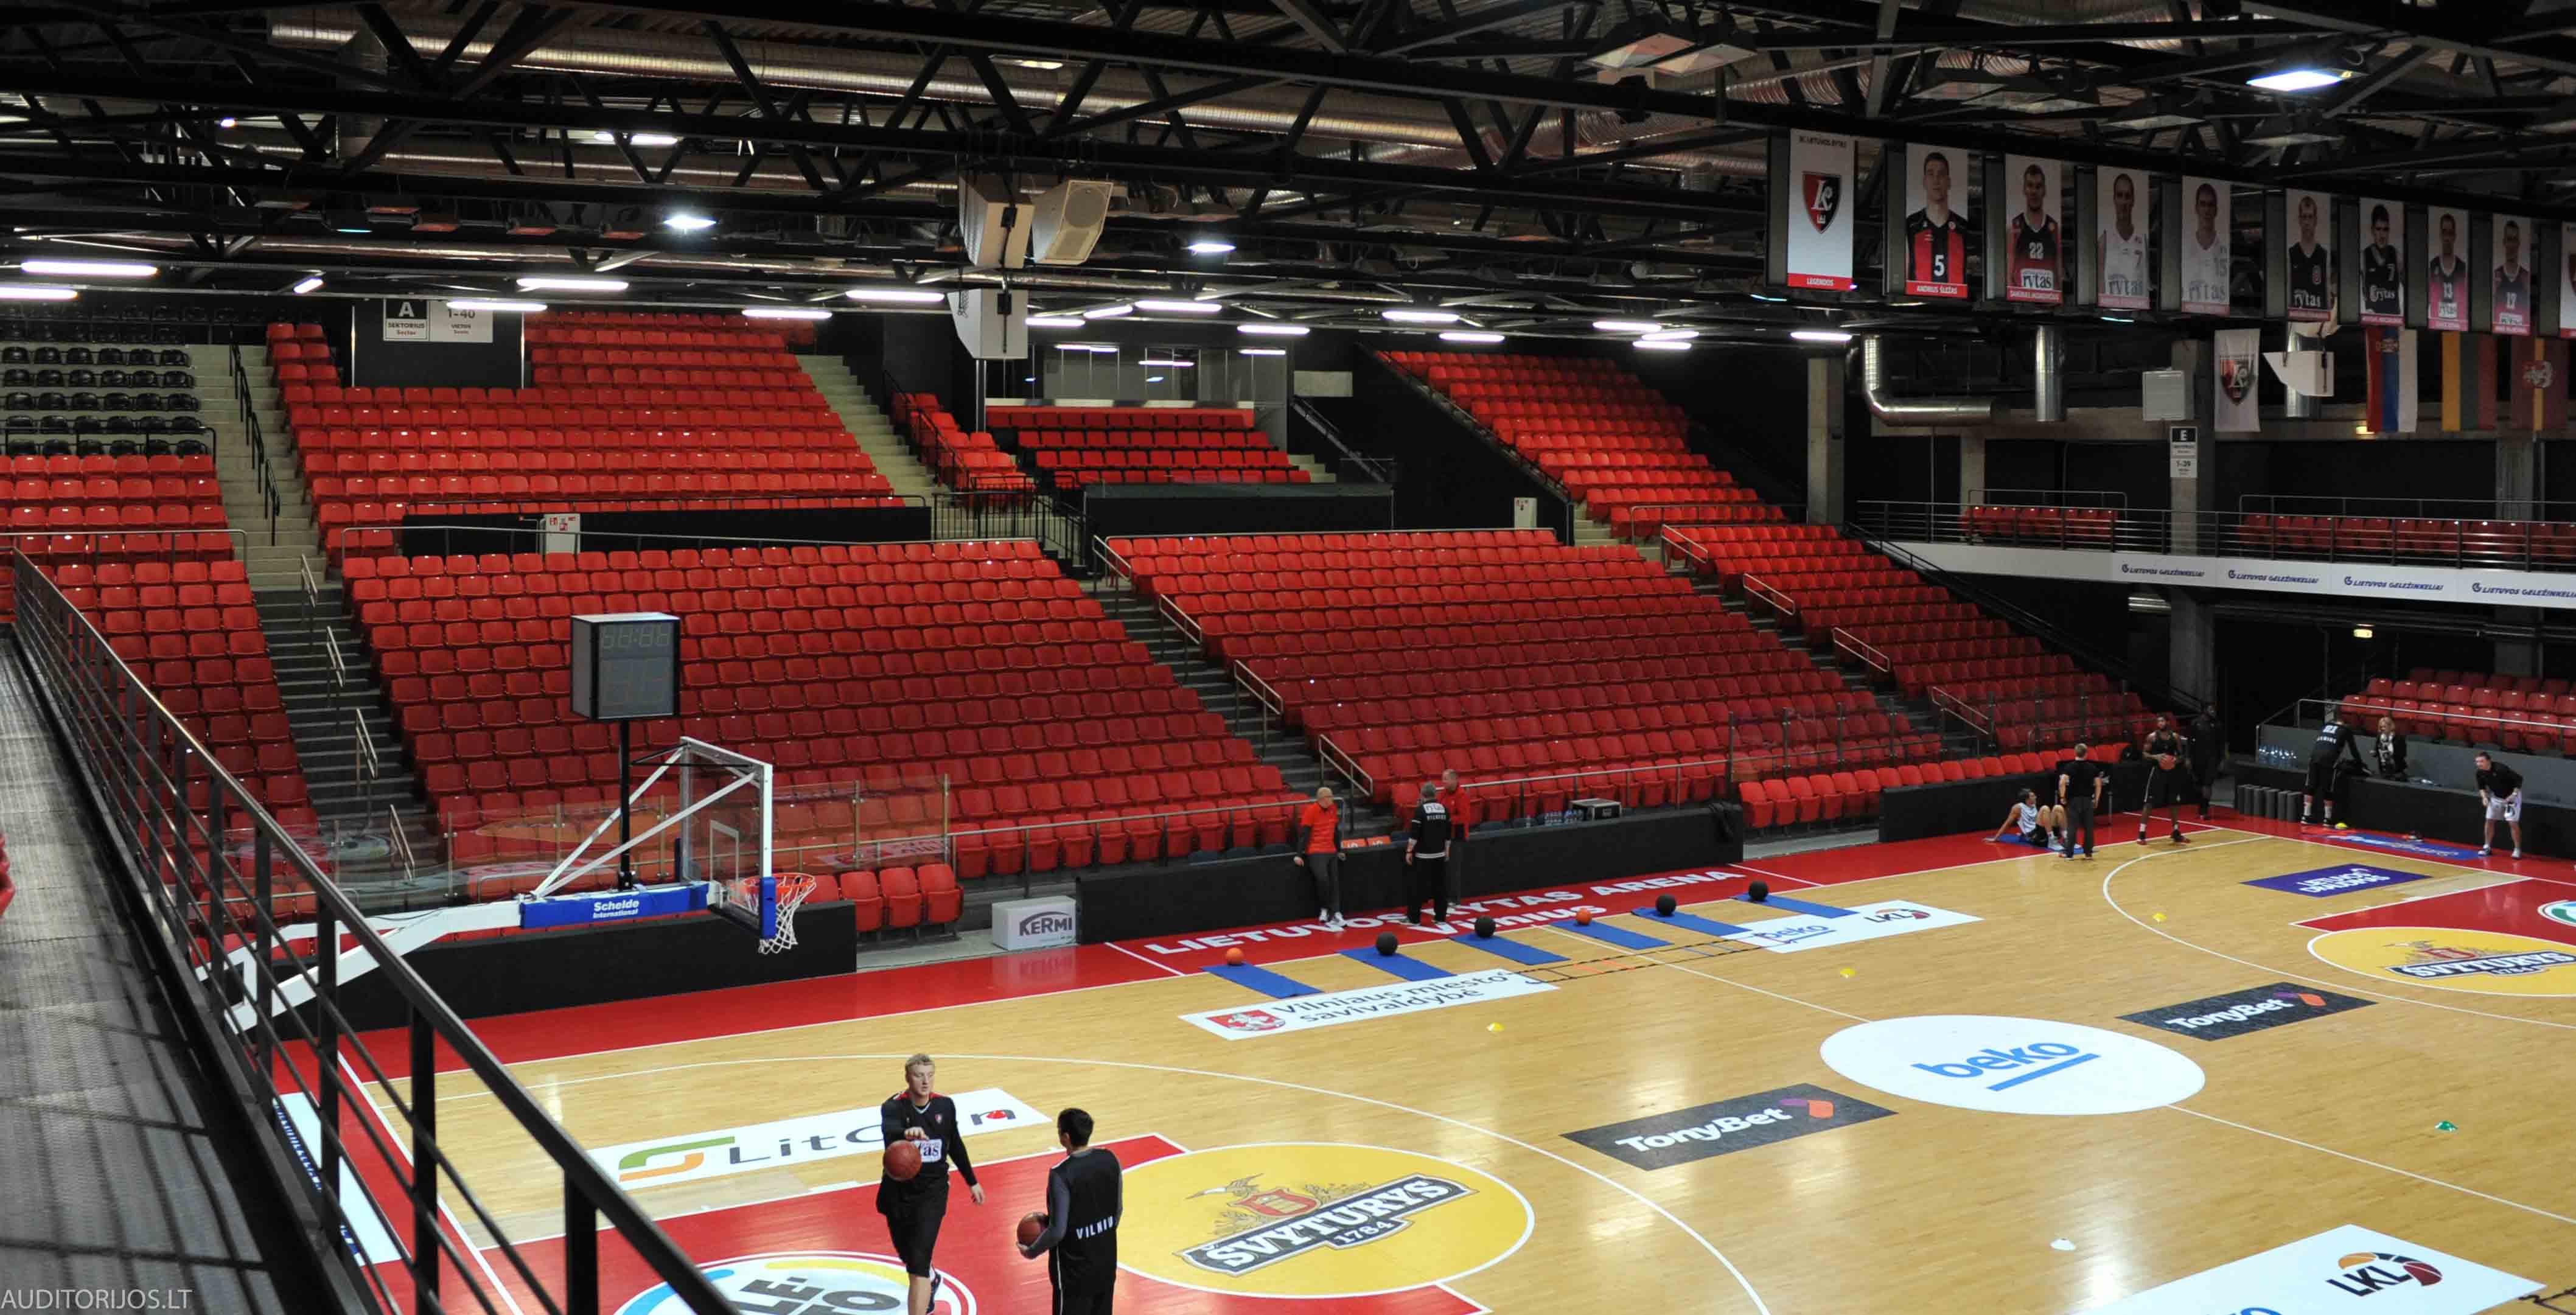 Lietuvos Rytas Arena Seating Vertika DSC_3357